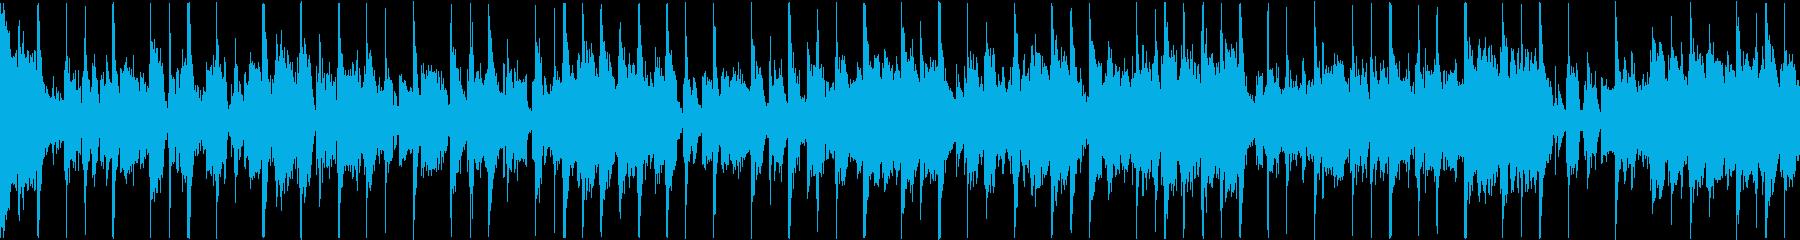 タイトルが示唆するように、これはジ...の再生済みの波形